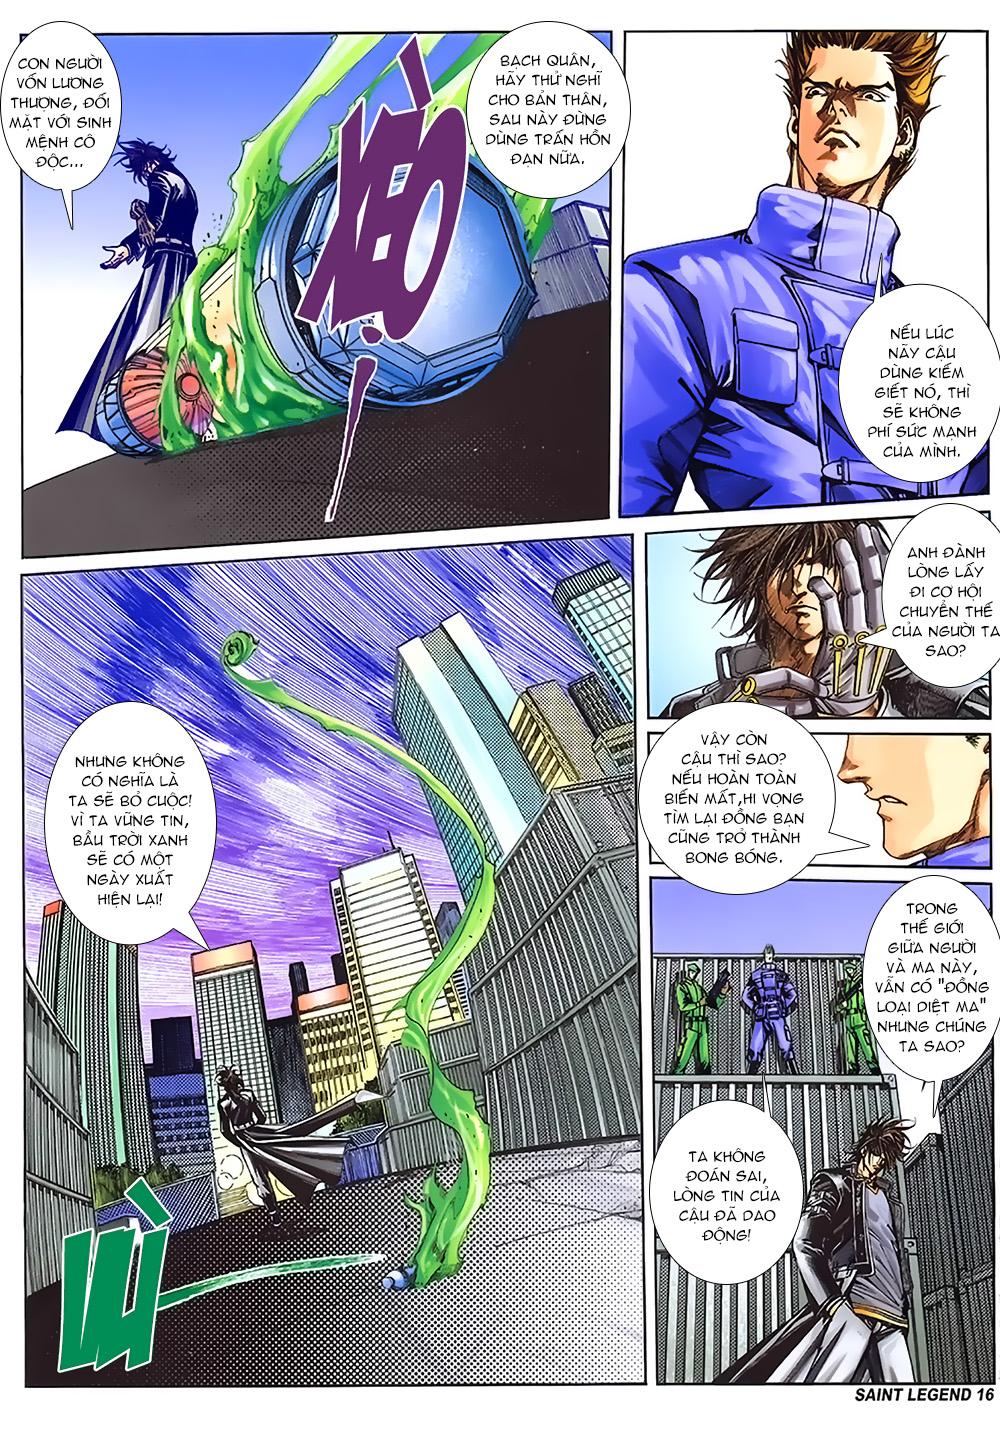 xem truyen moi - BÁT TIÊN ĐẠO - Chapter 50: Aliens Searching United